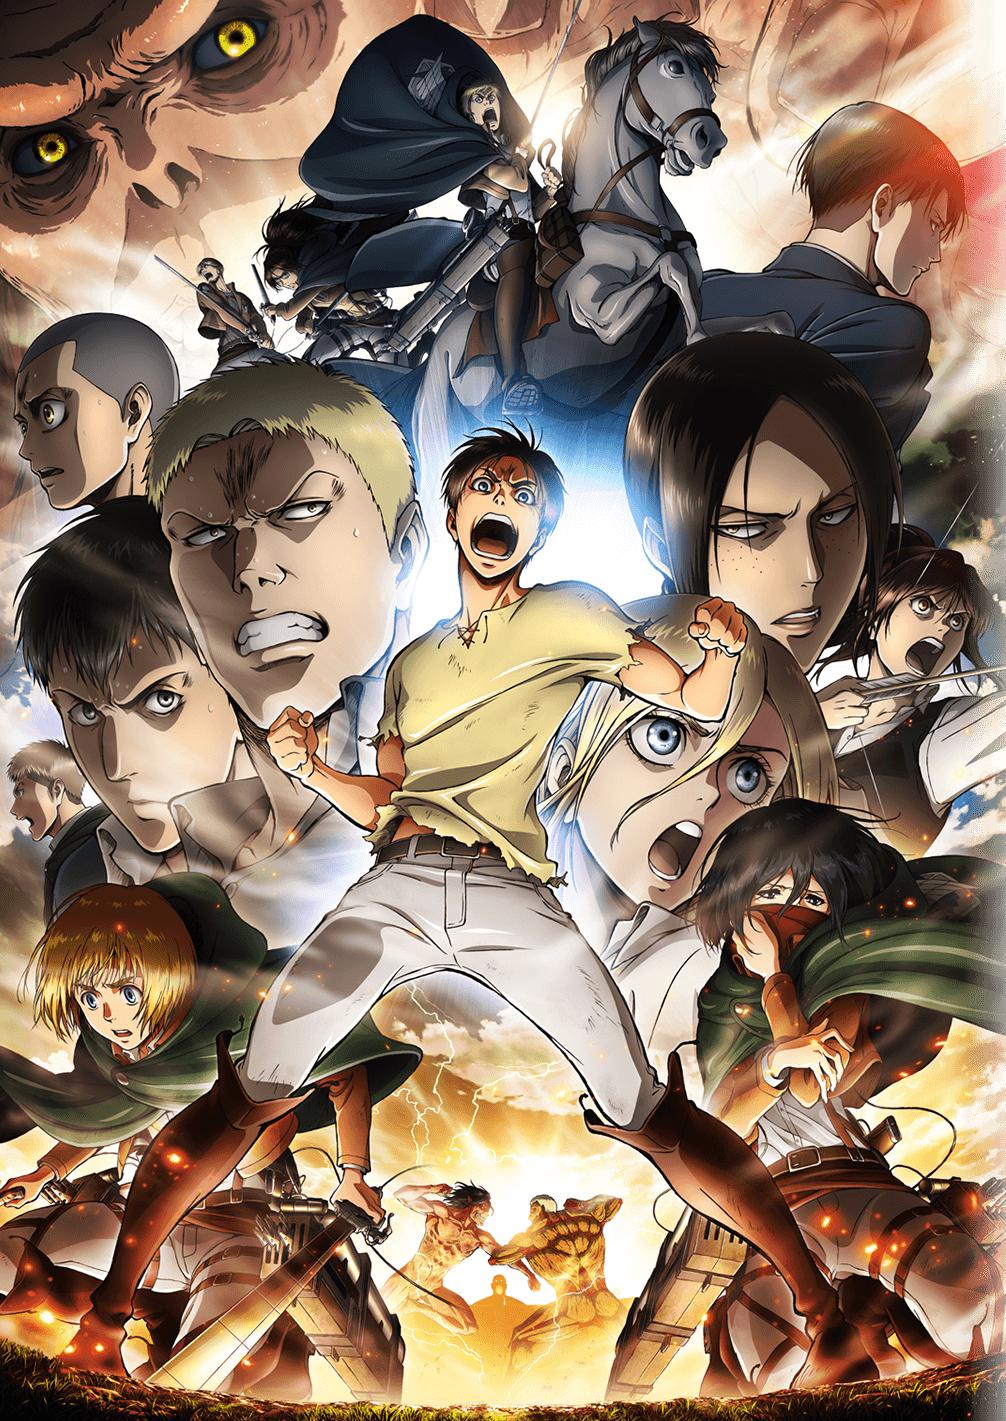 [Saison 2] Shingeki no Kyojin  Shingek_no_Kyojin_Visual_Art_